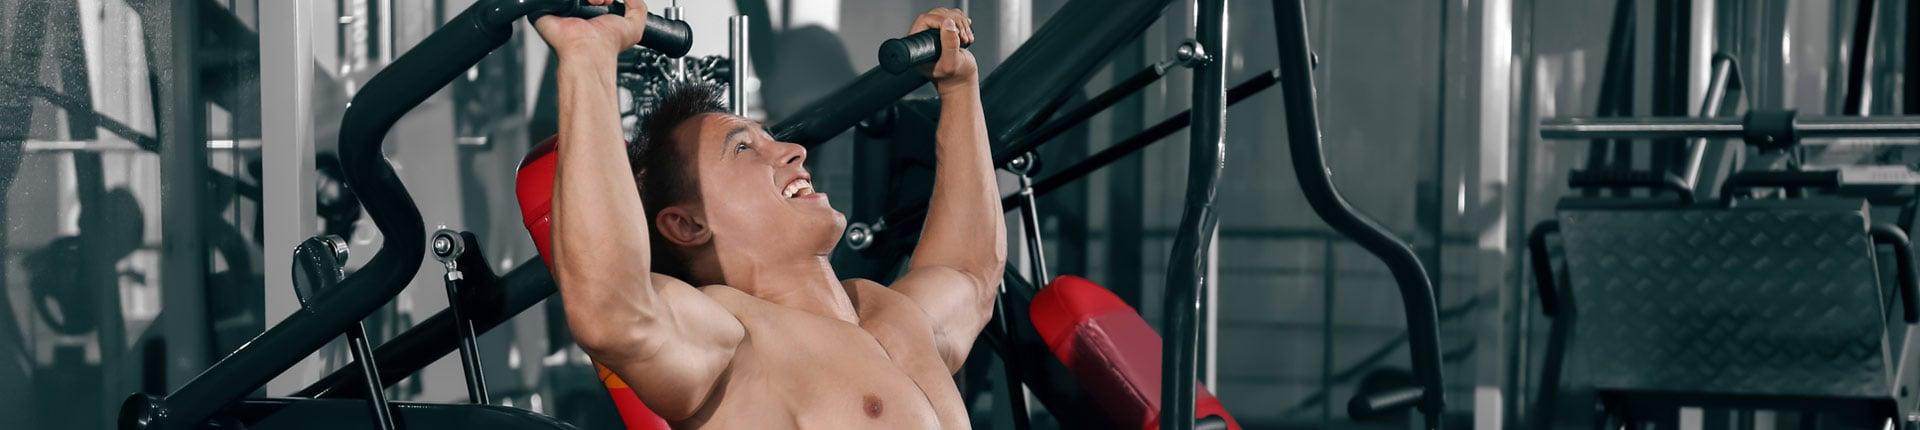 Dlaczego na redukcji zaleca się jeść więcej białka?